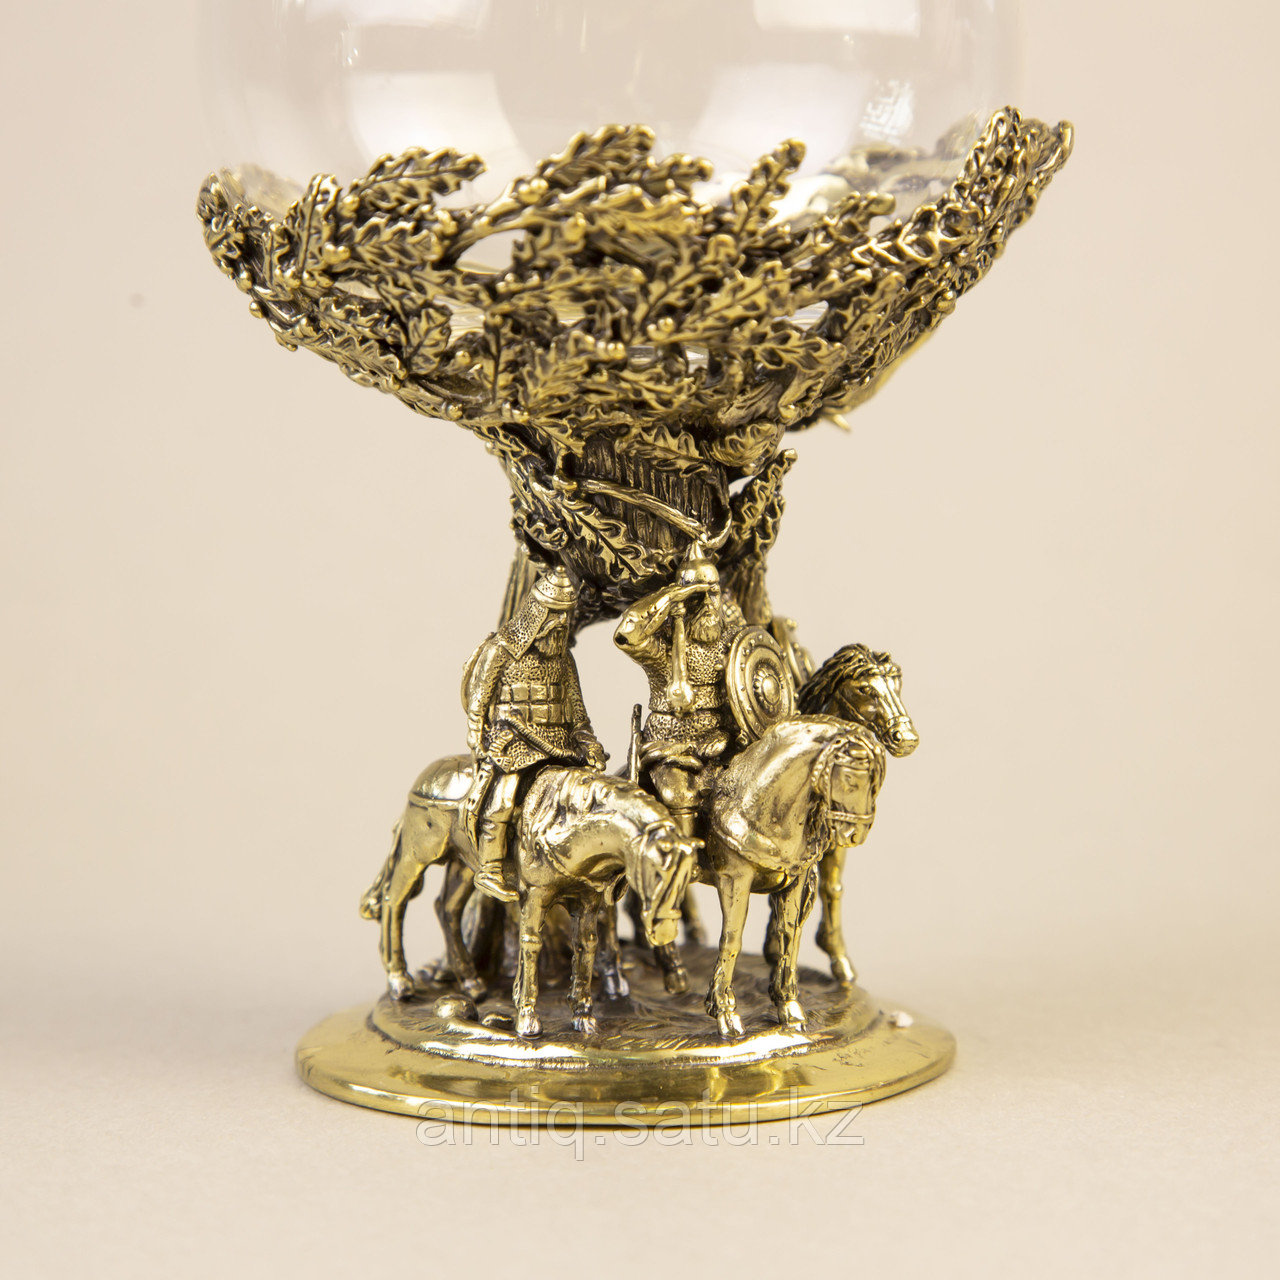 Три БОГАТЫРЯ. Подарочный кубок из массивной бронзы и стекла. - фото 2